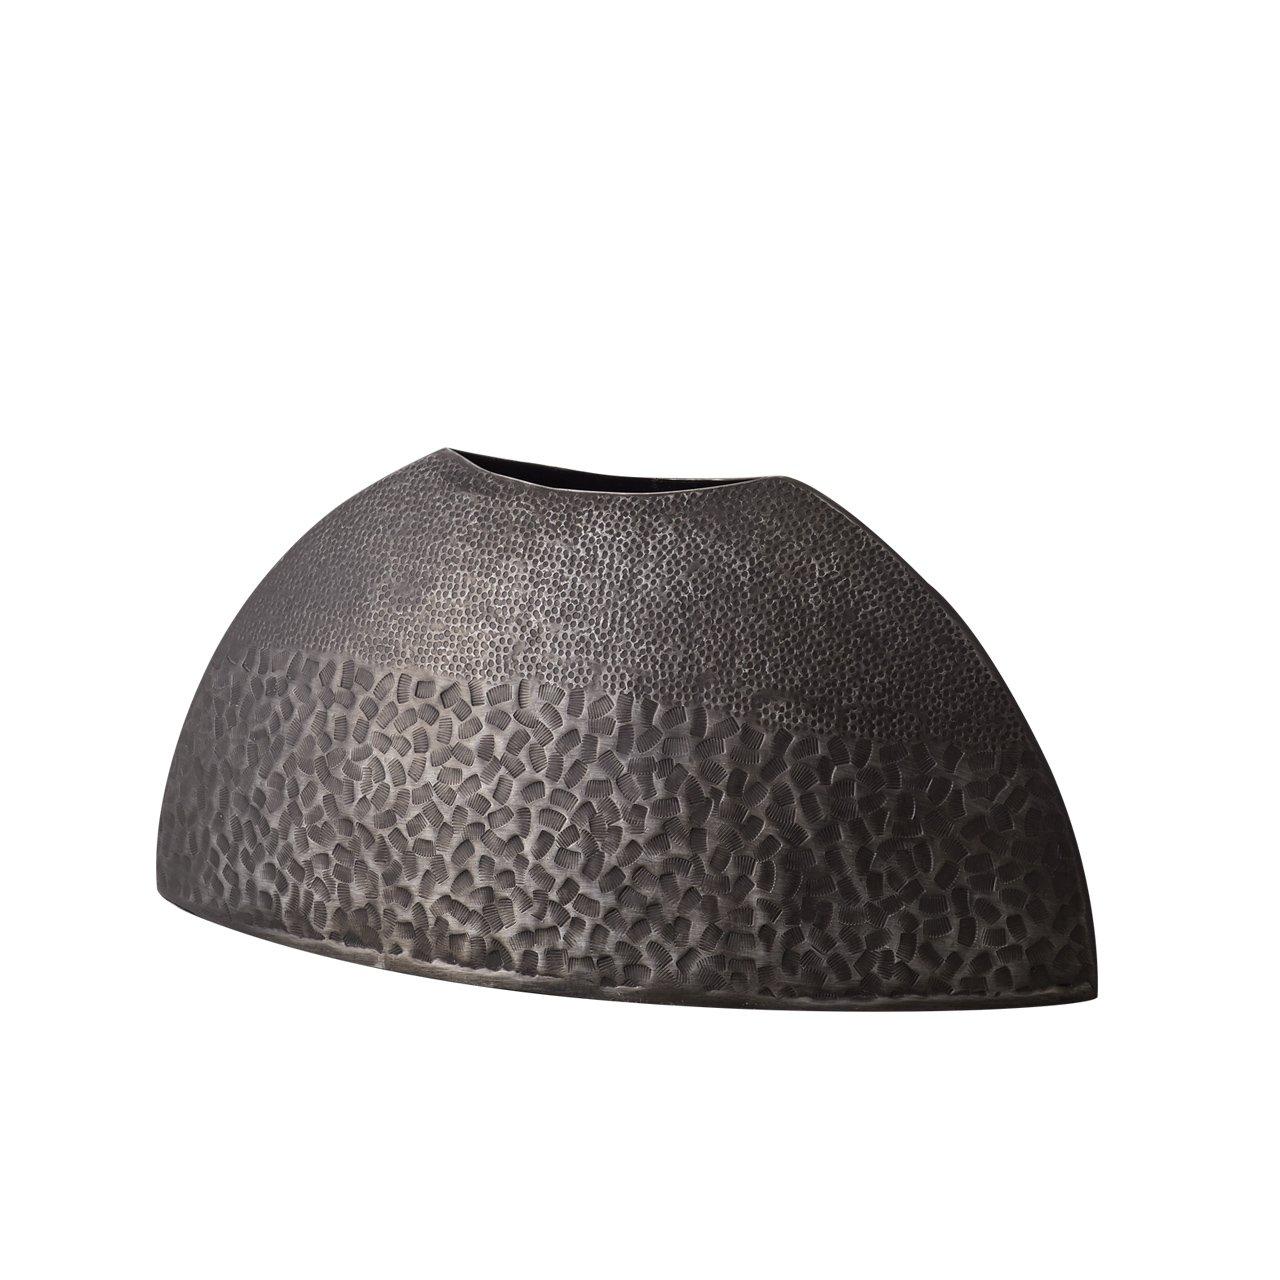 Clay 花器 フォセットマウントL #ブラック CC570788-802 B07BB2XS1R Large